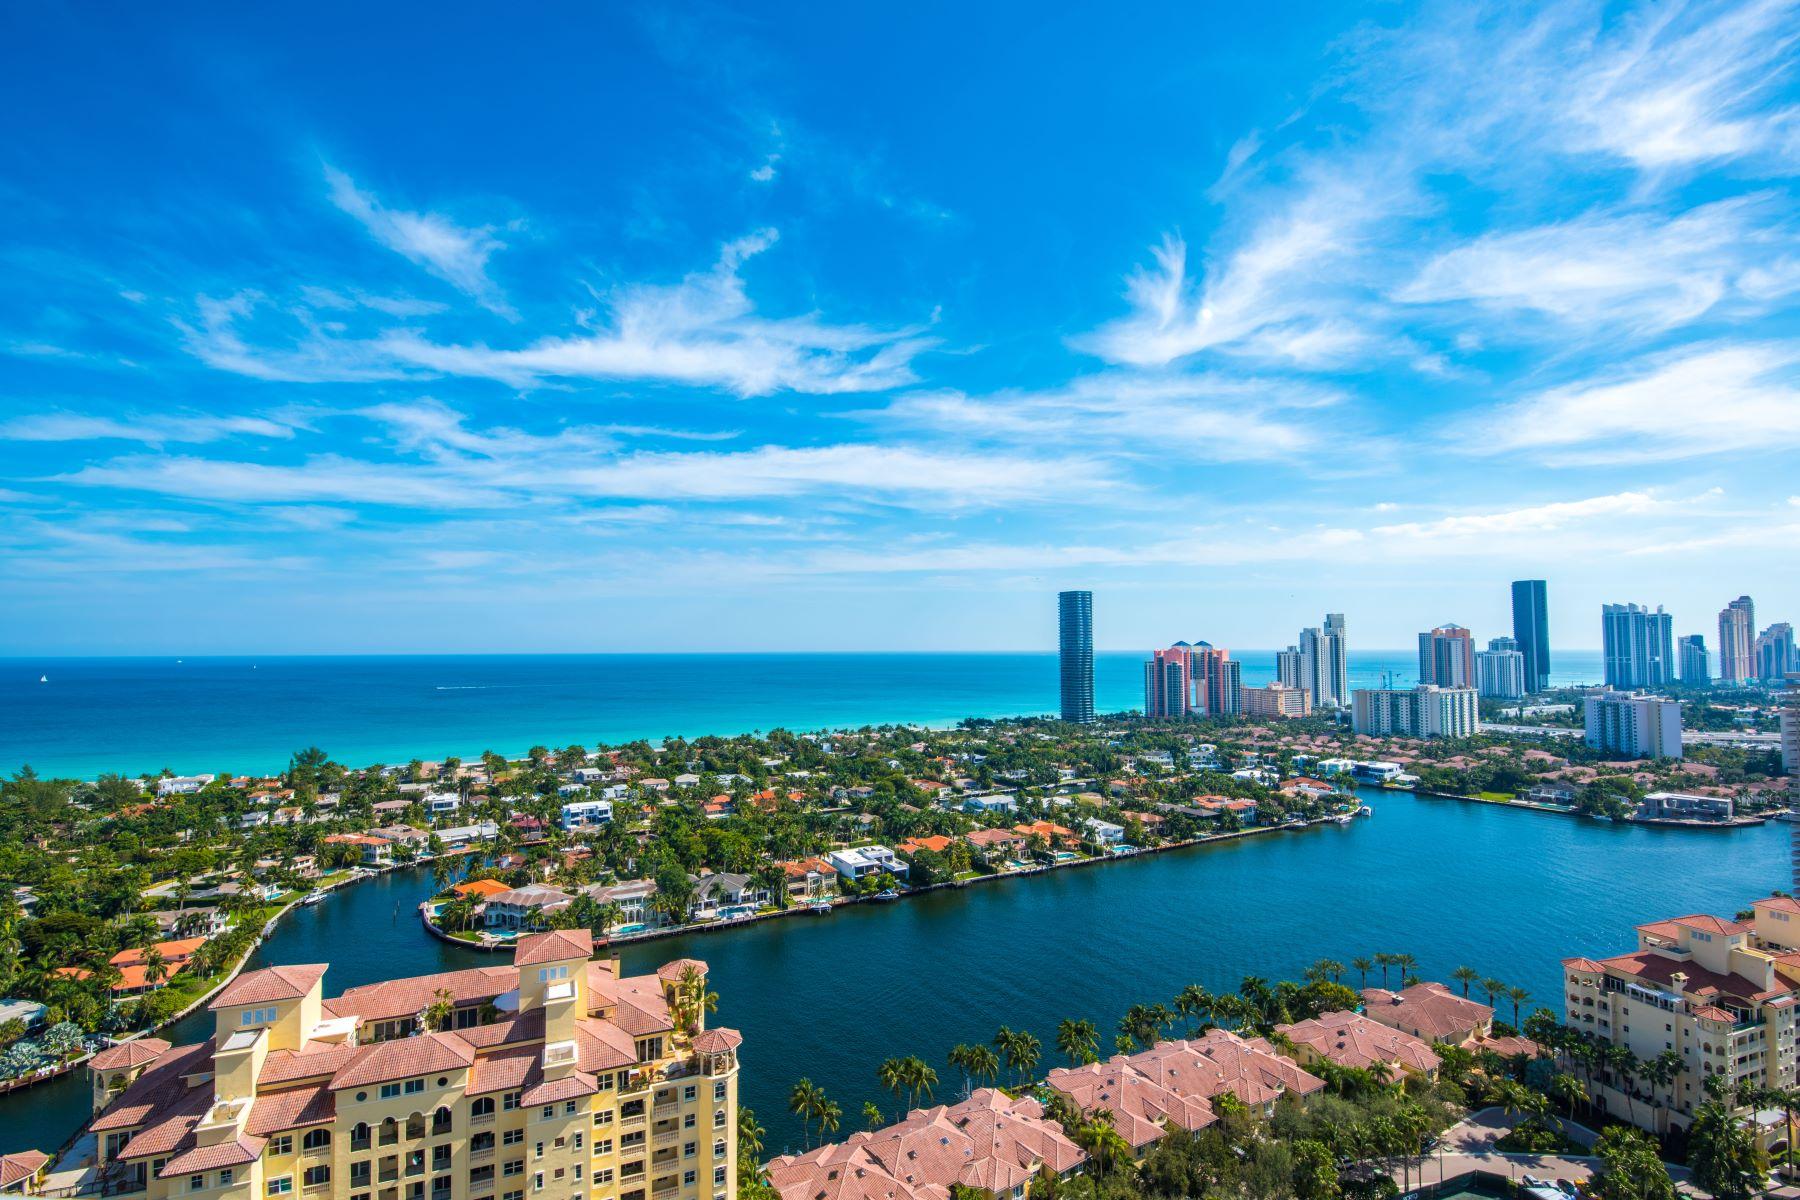 Condominium for Sale at 20155 Ne 38th Ct #Ts-03 20155Ne 38th Ct TS-03 Aventura, Florida 33180 United States